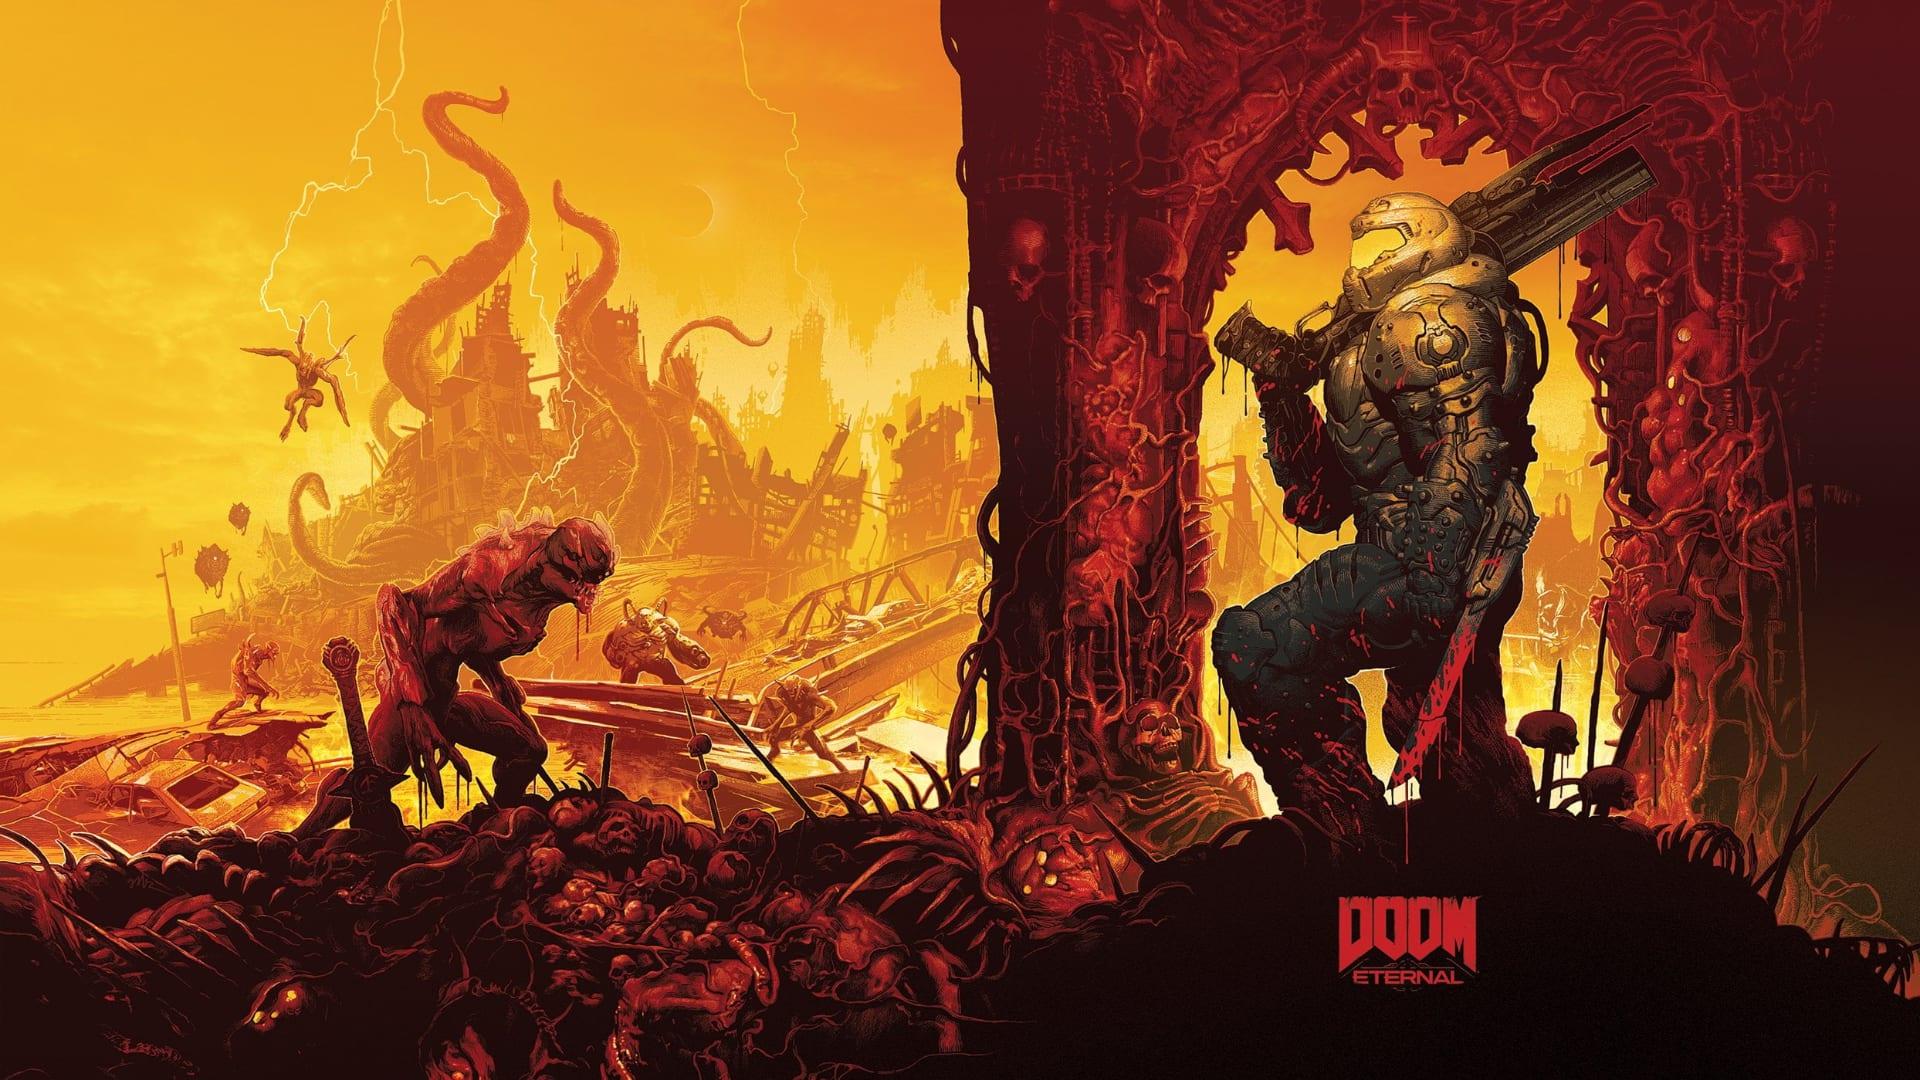 4k Hd Doom Eternal Wallpapers You Need To Make Your Desktop